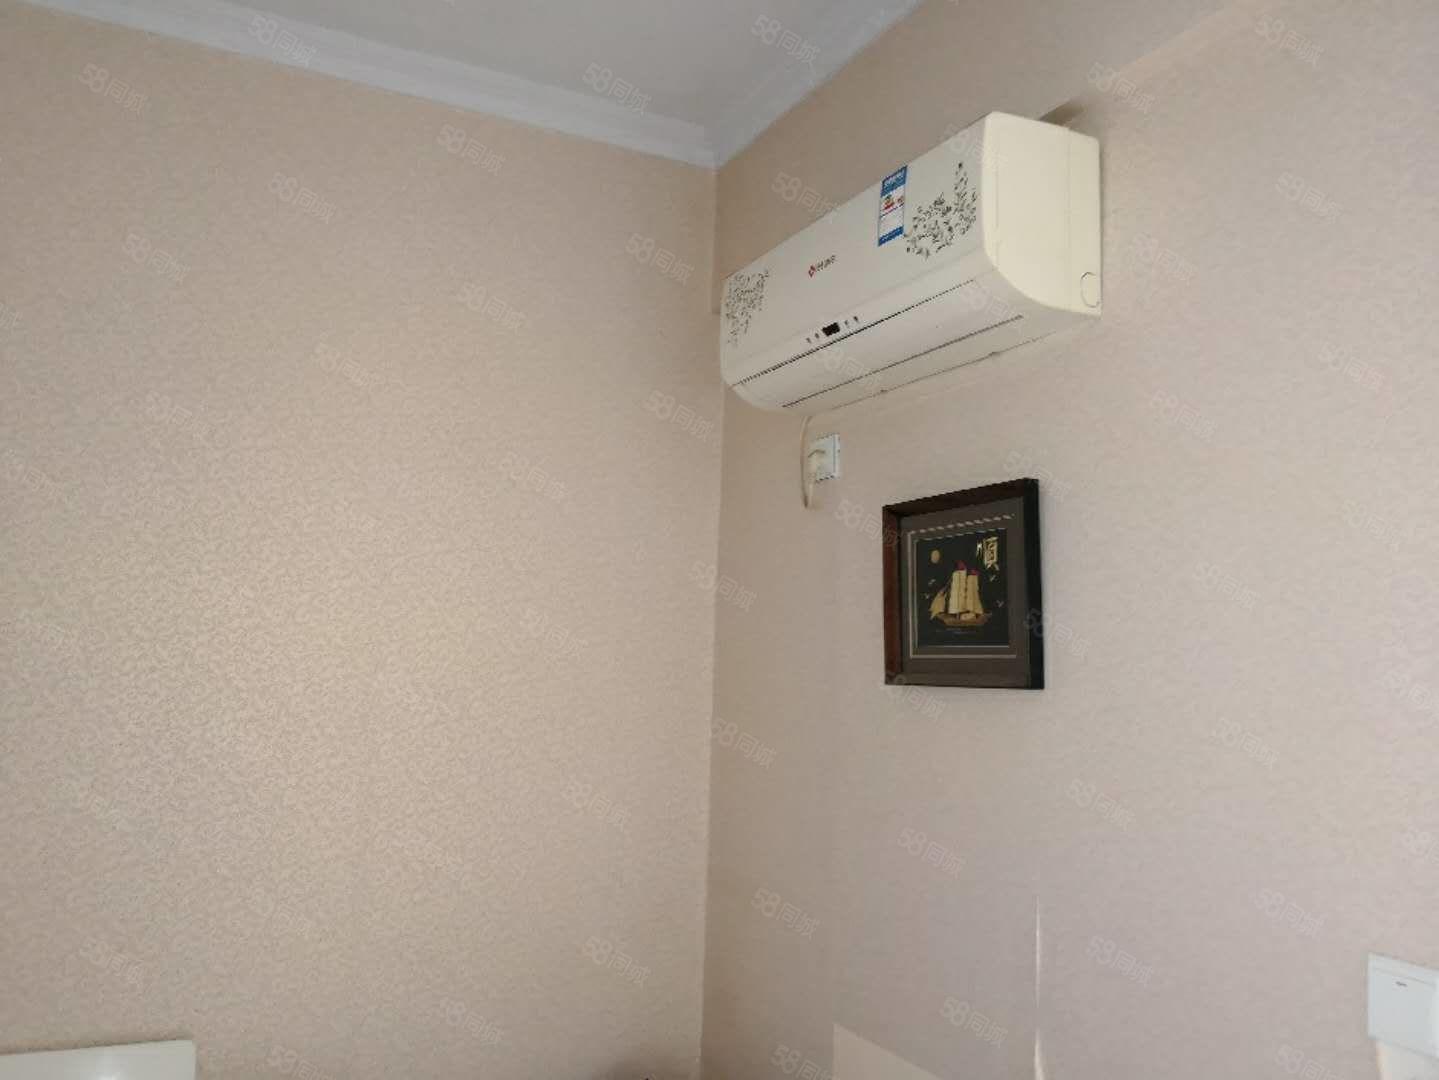 易天国际精装公寓随时入住有天然气可做饭图片仅供参考